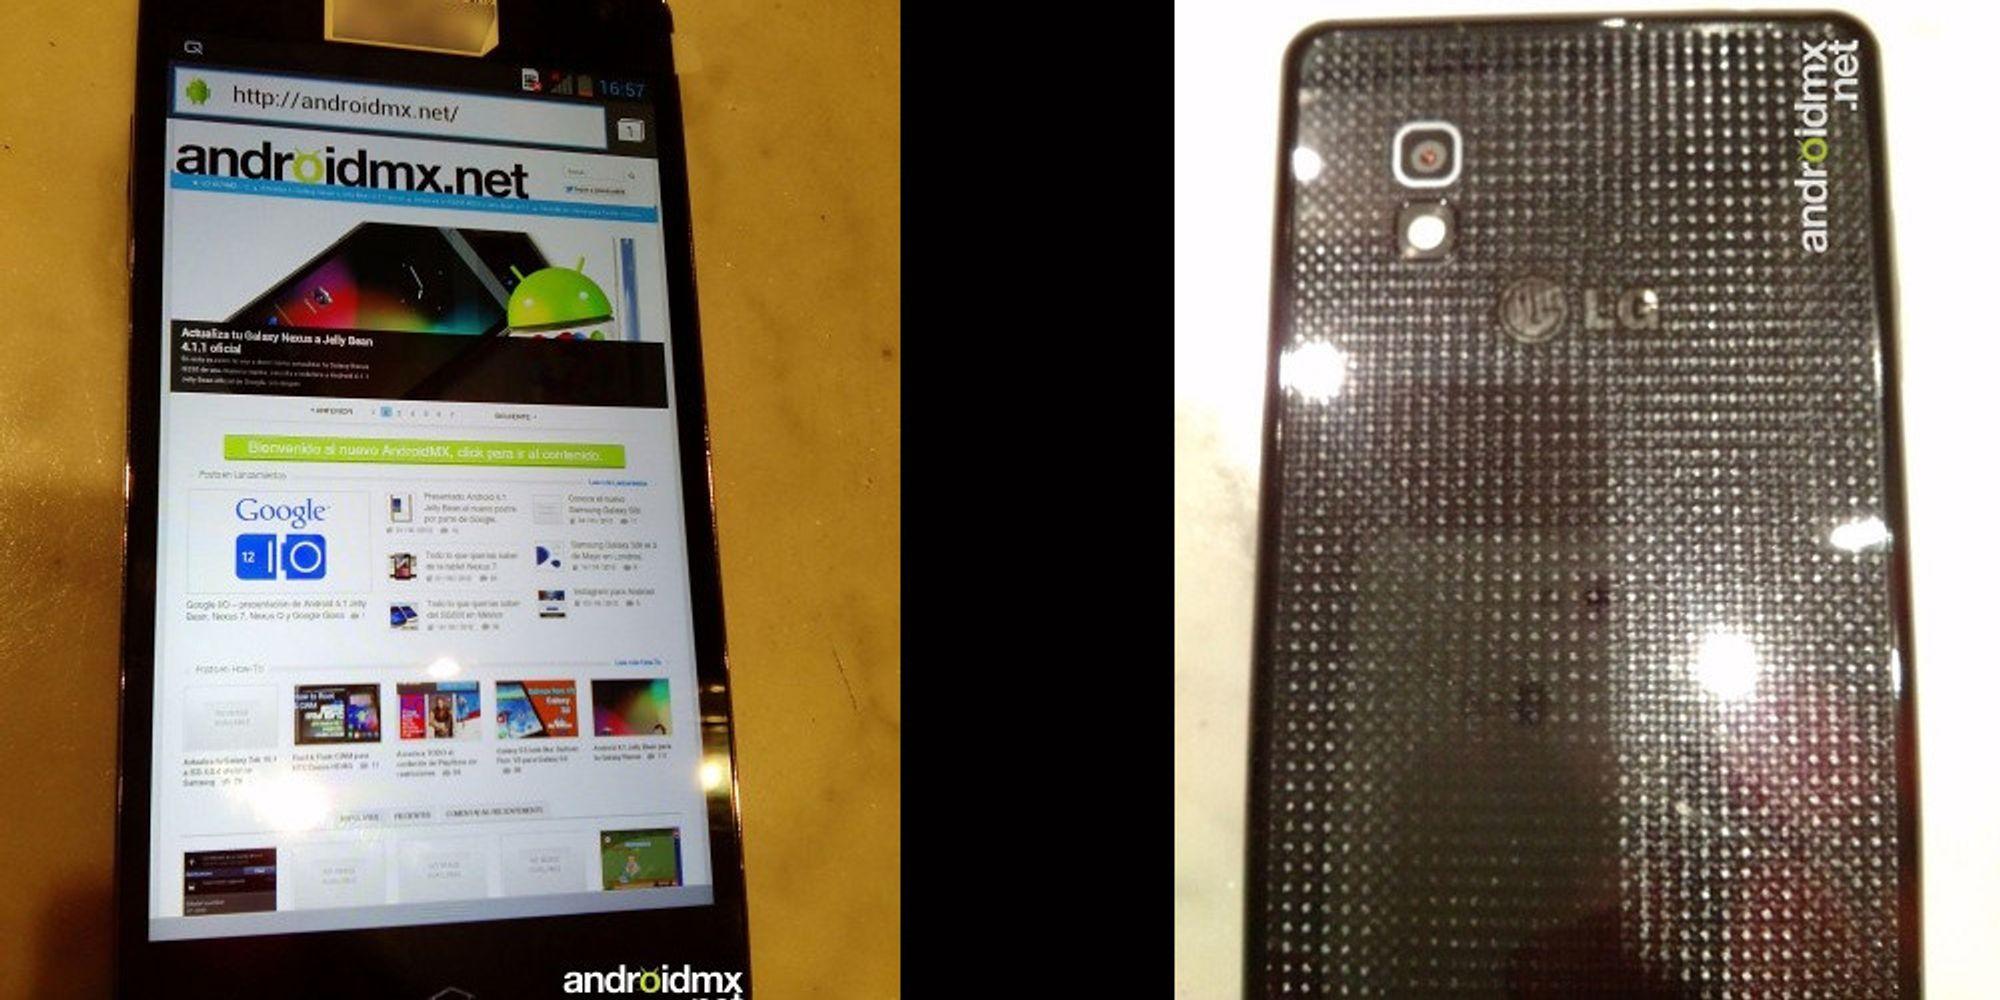 Flere bilder av LG Optimus G lekket